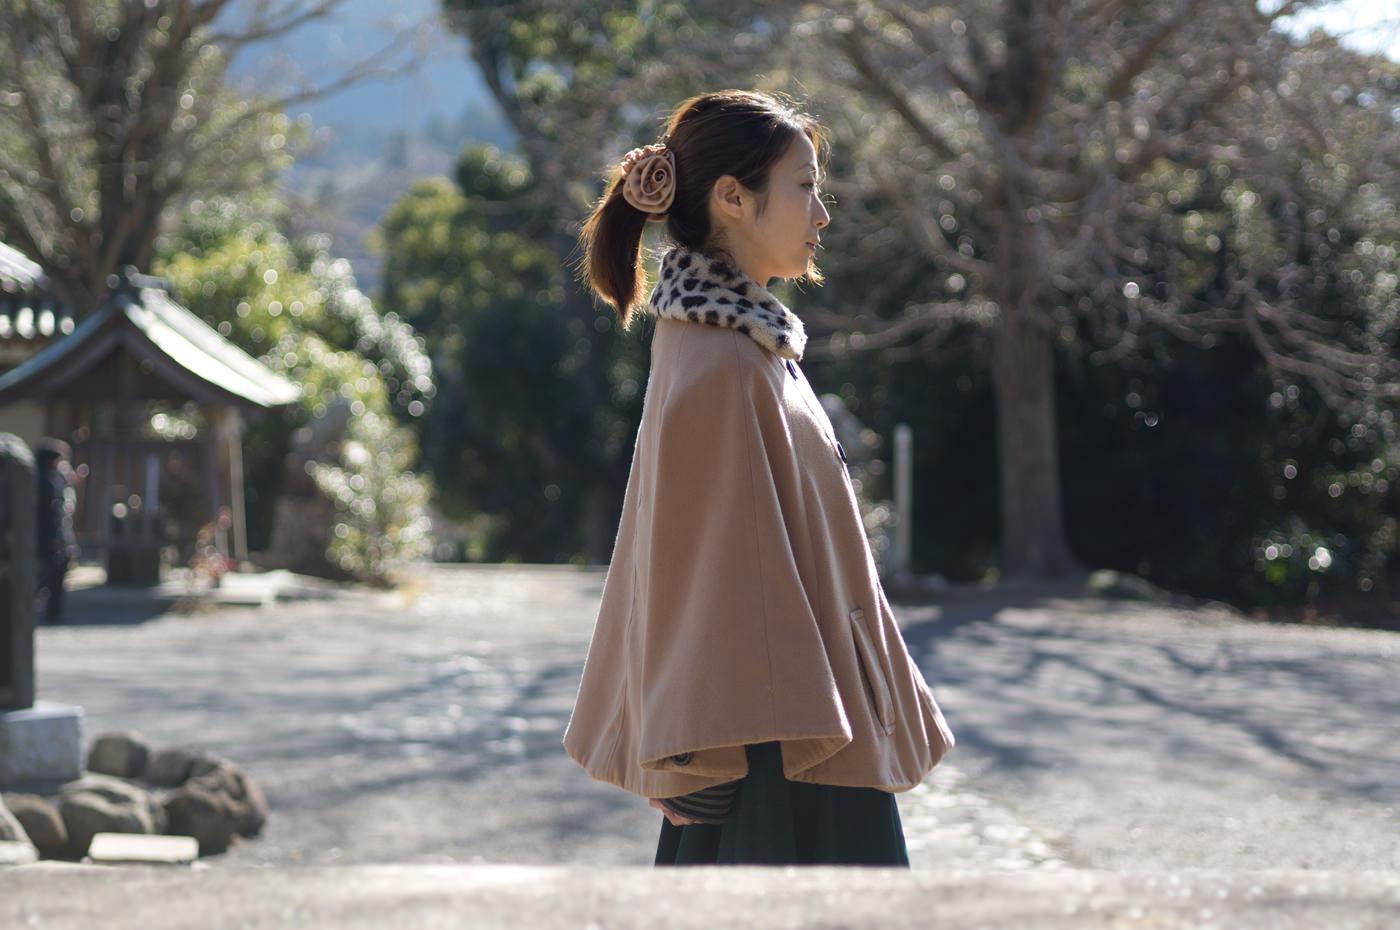 sanpai_girl3